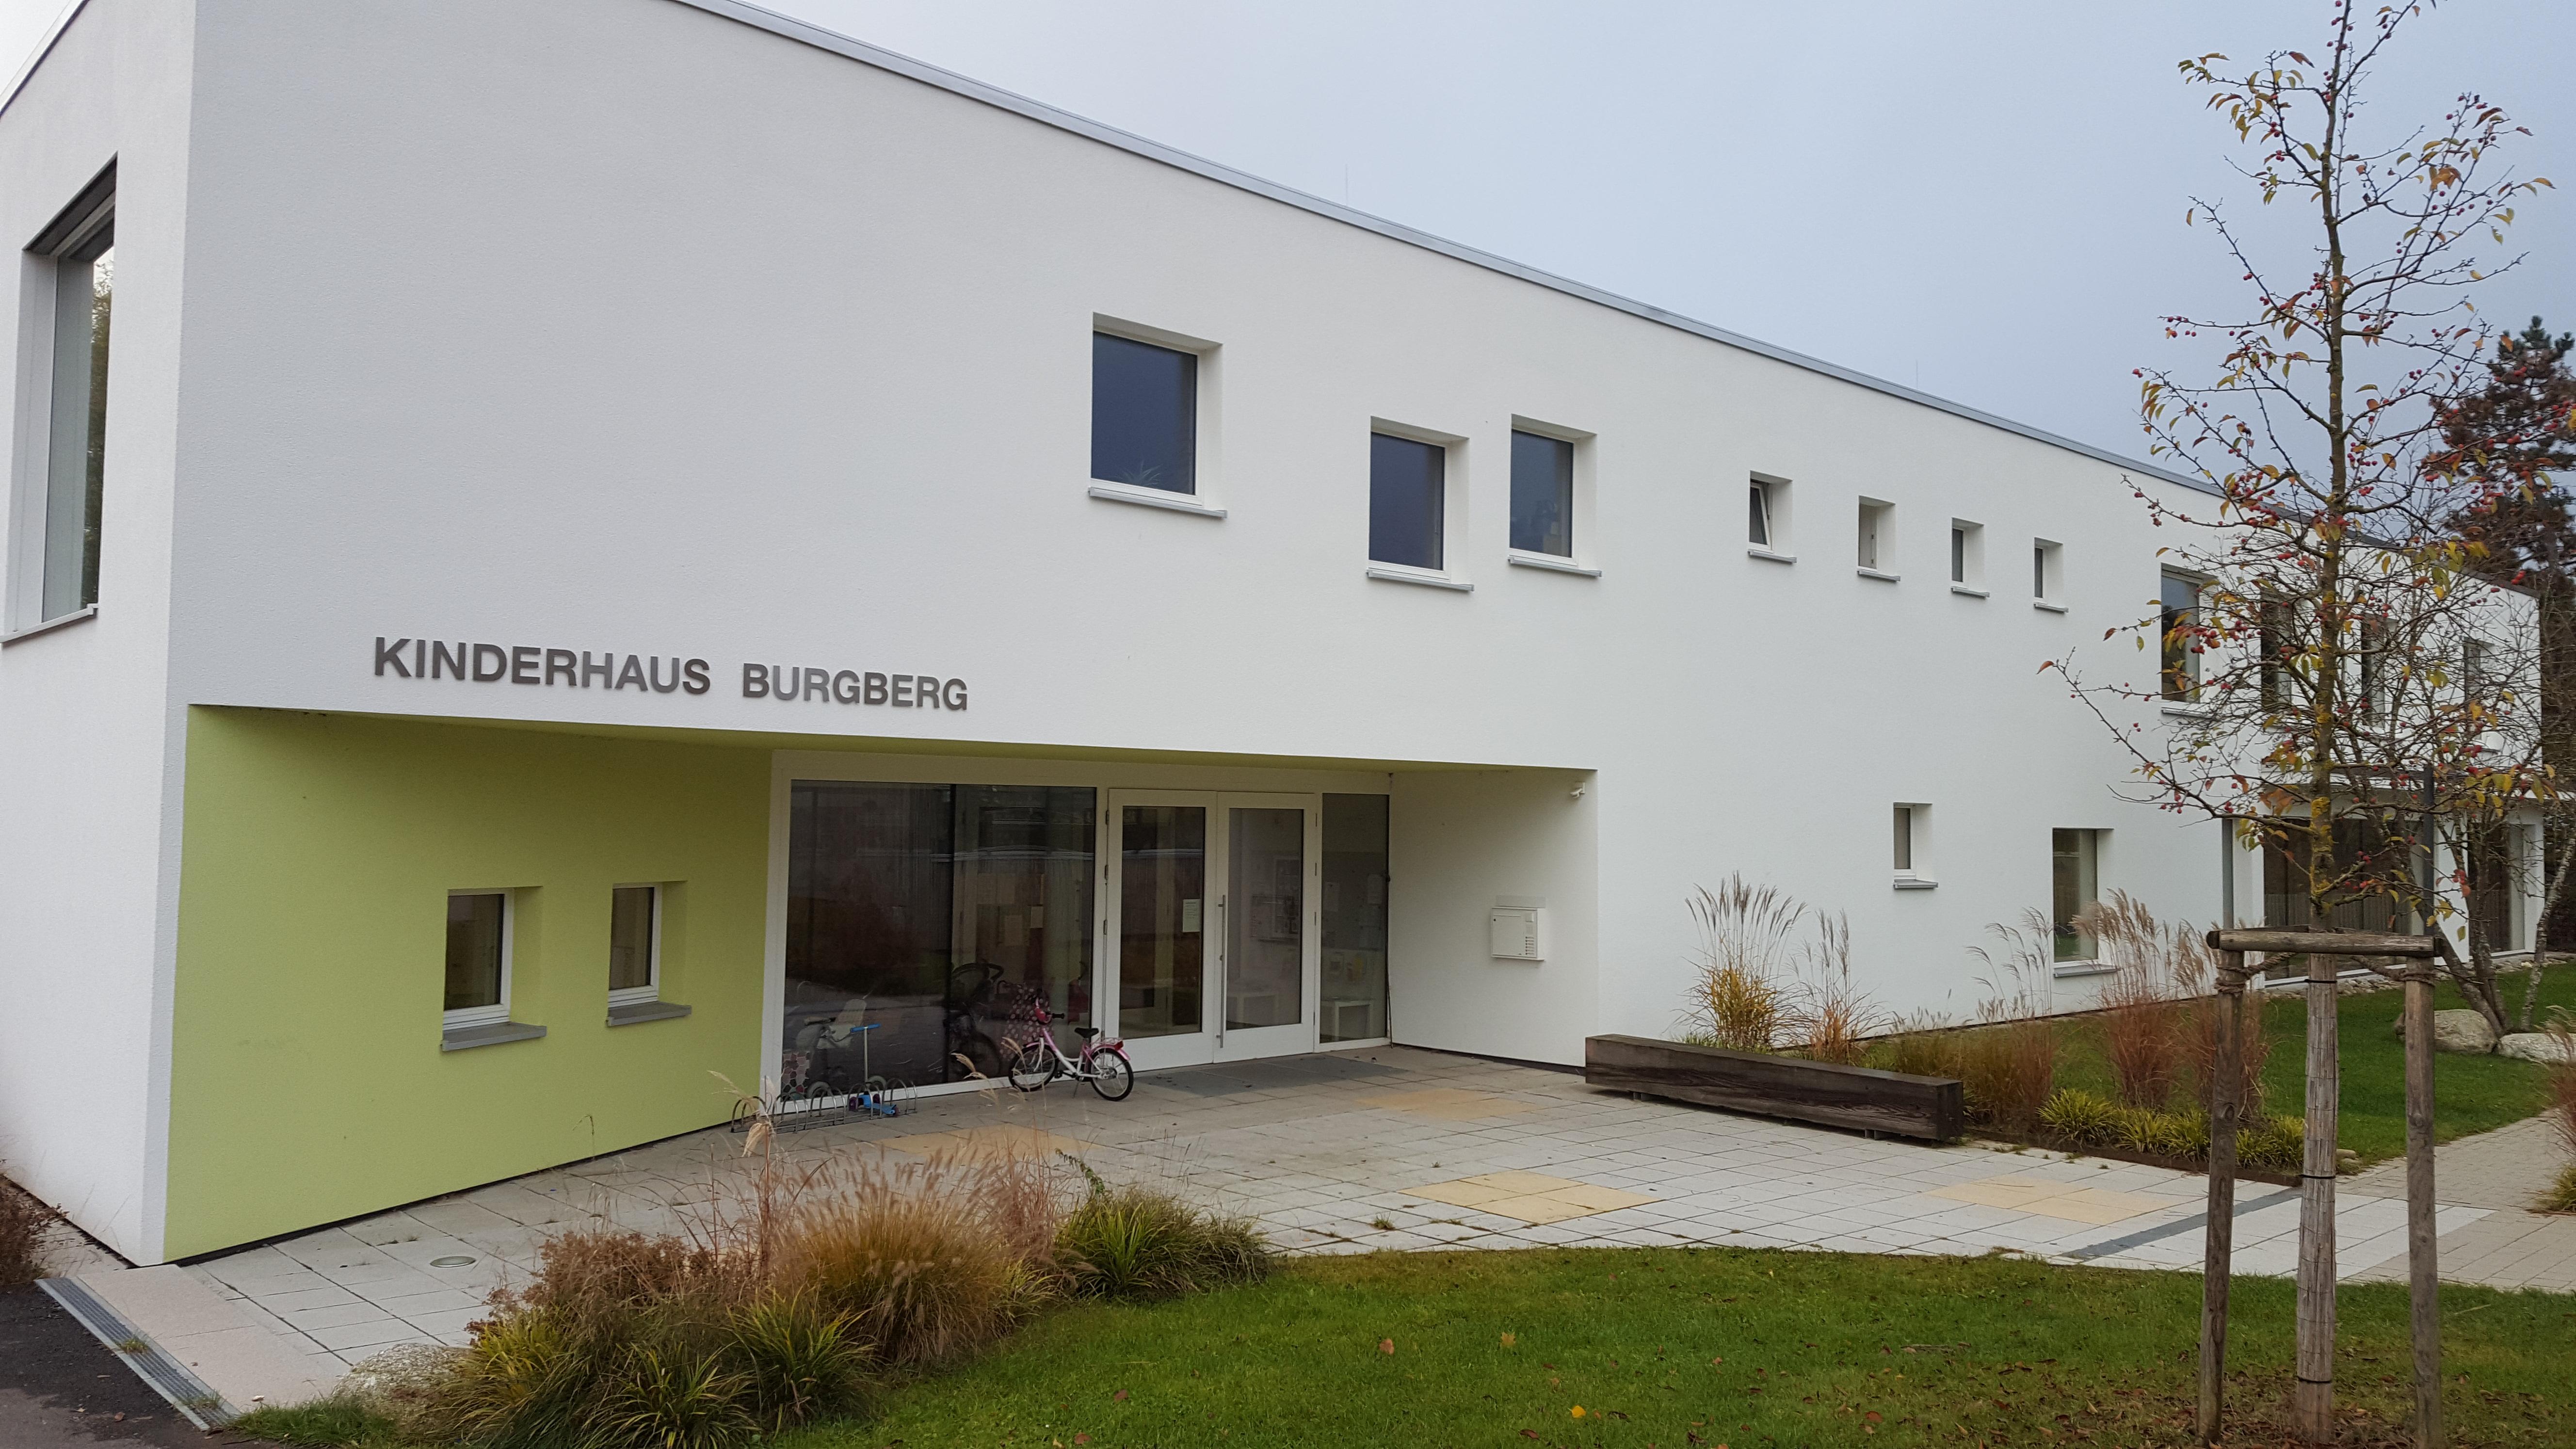 Kinderhaus Burgberg